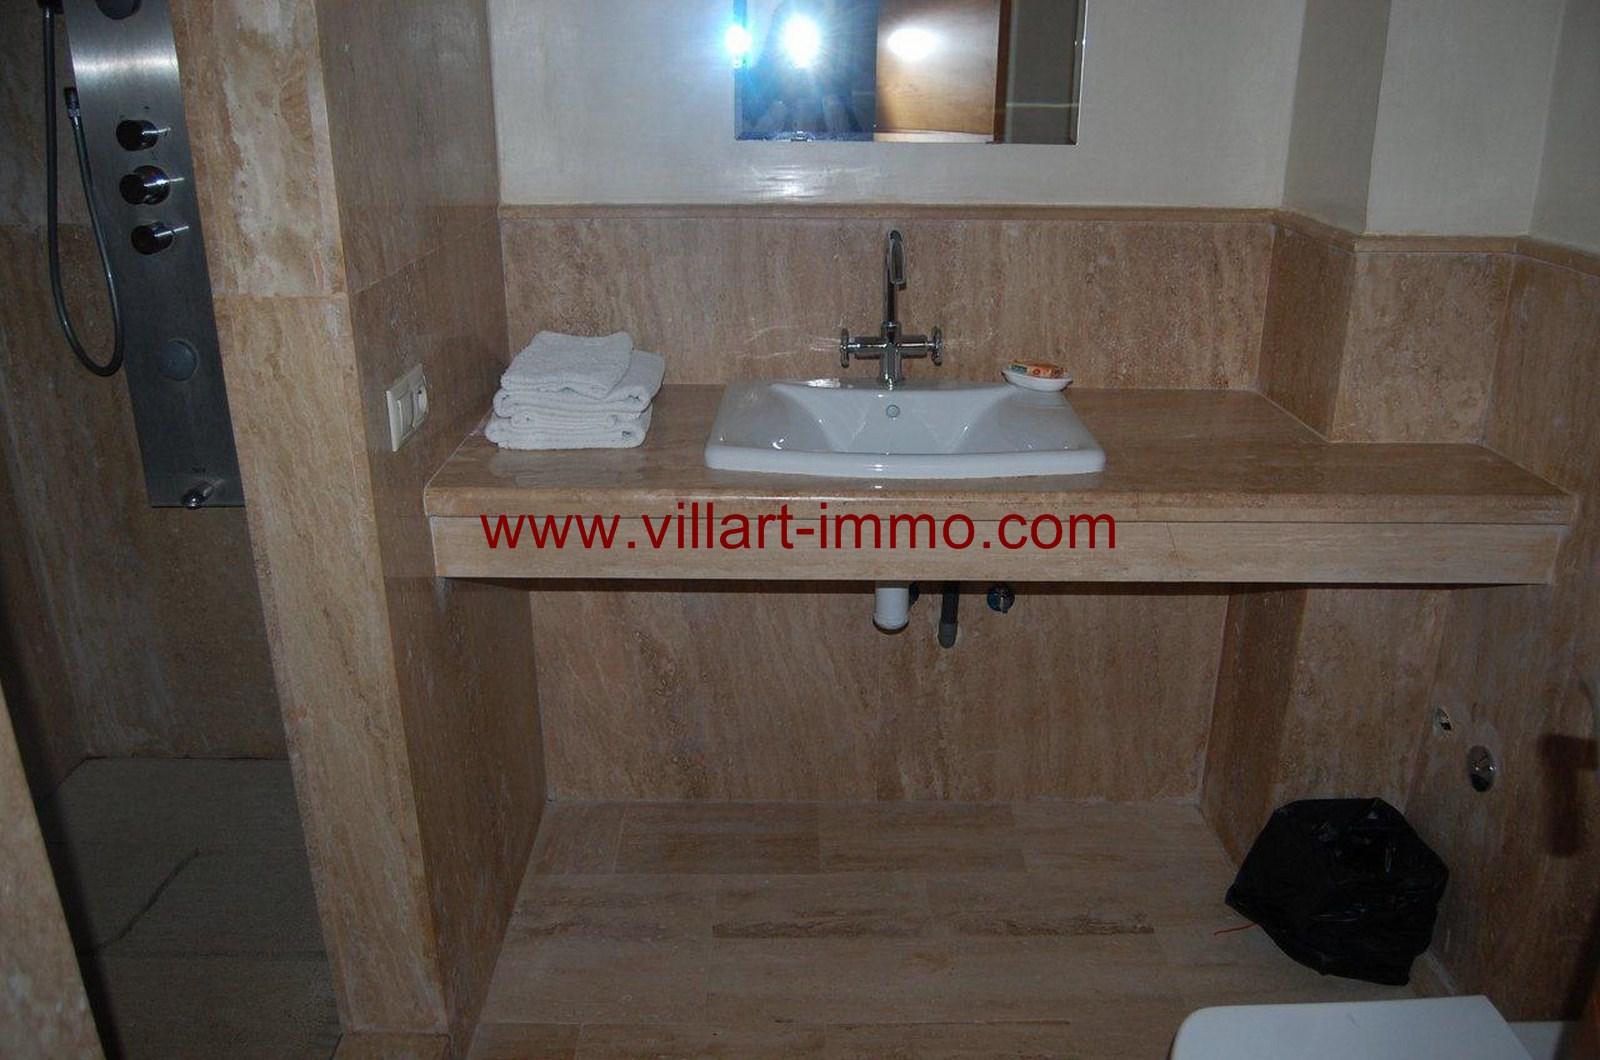 8-vente-appartement-tanger-achakar-salle-de-bain-2-va389-villart-immo